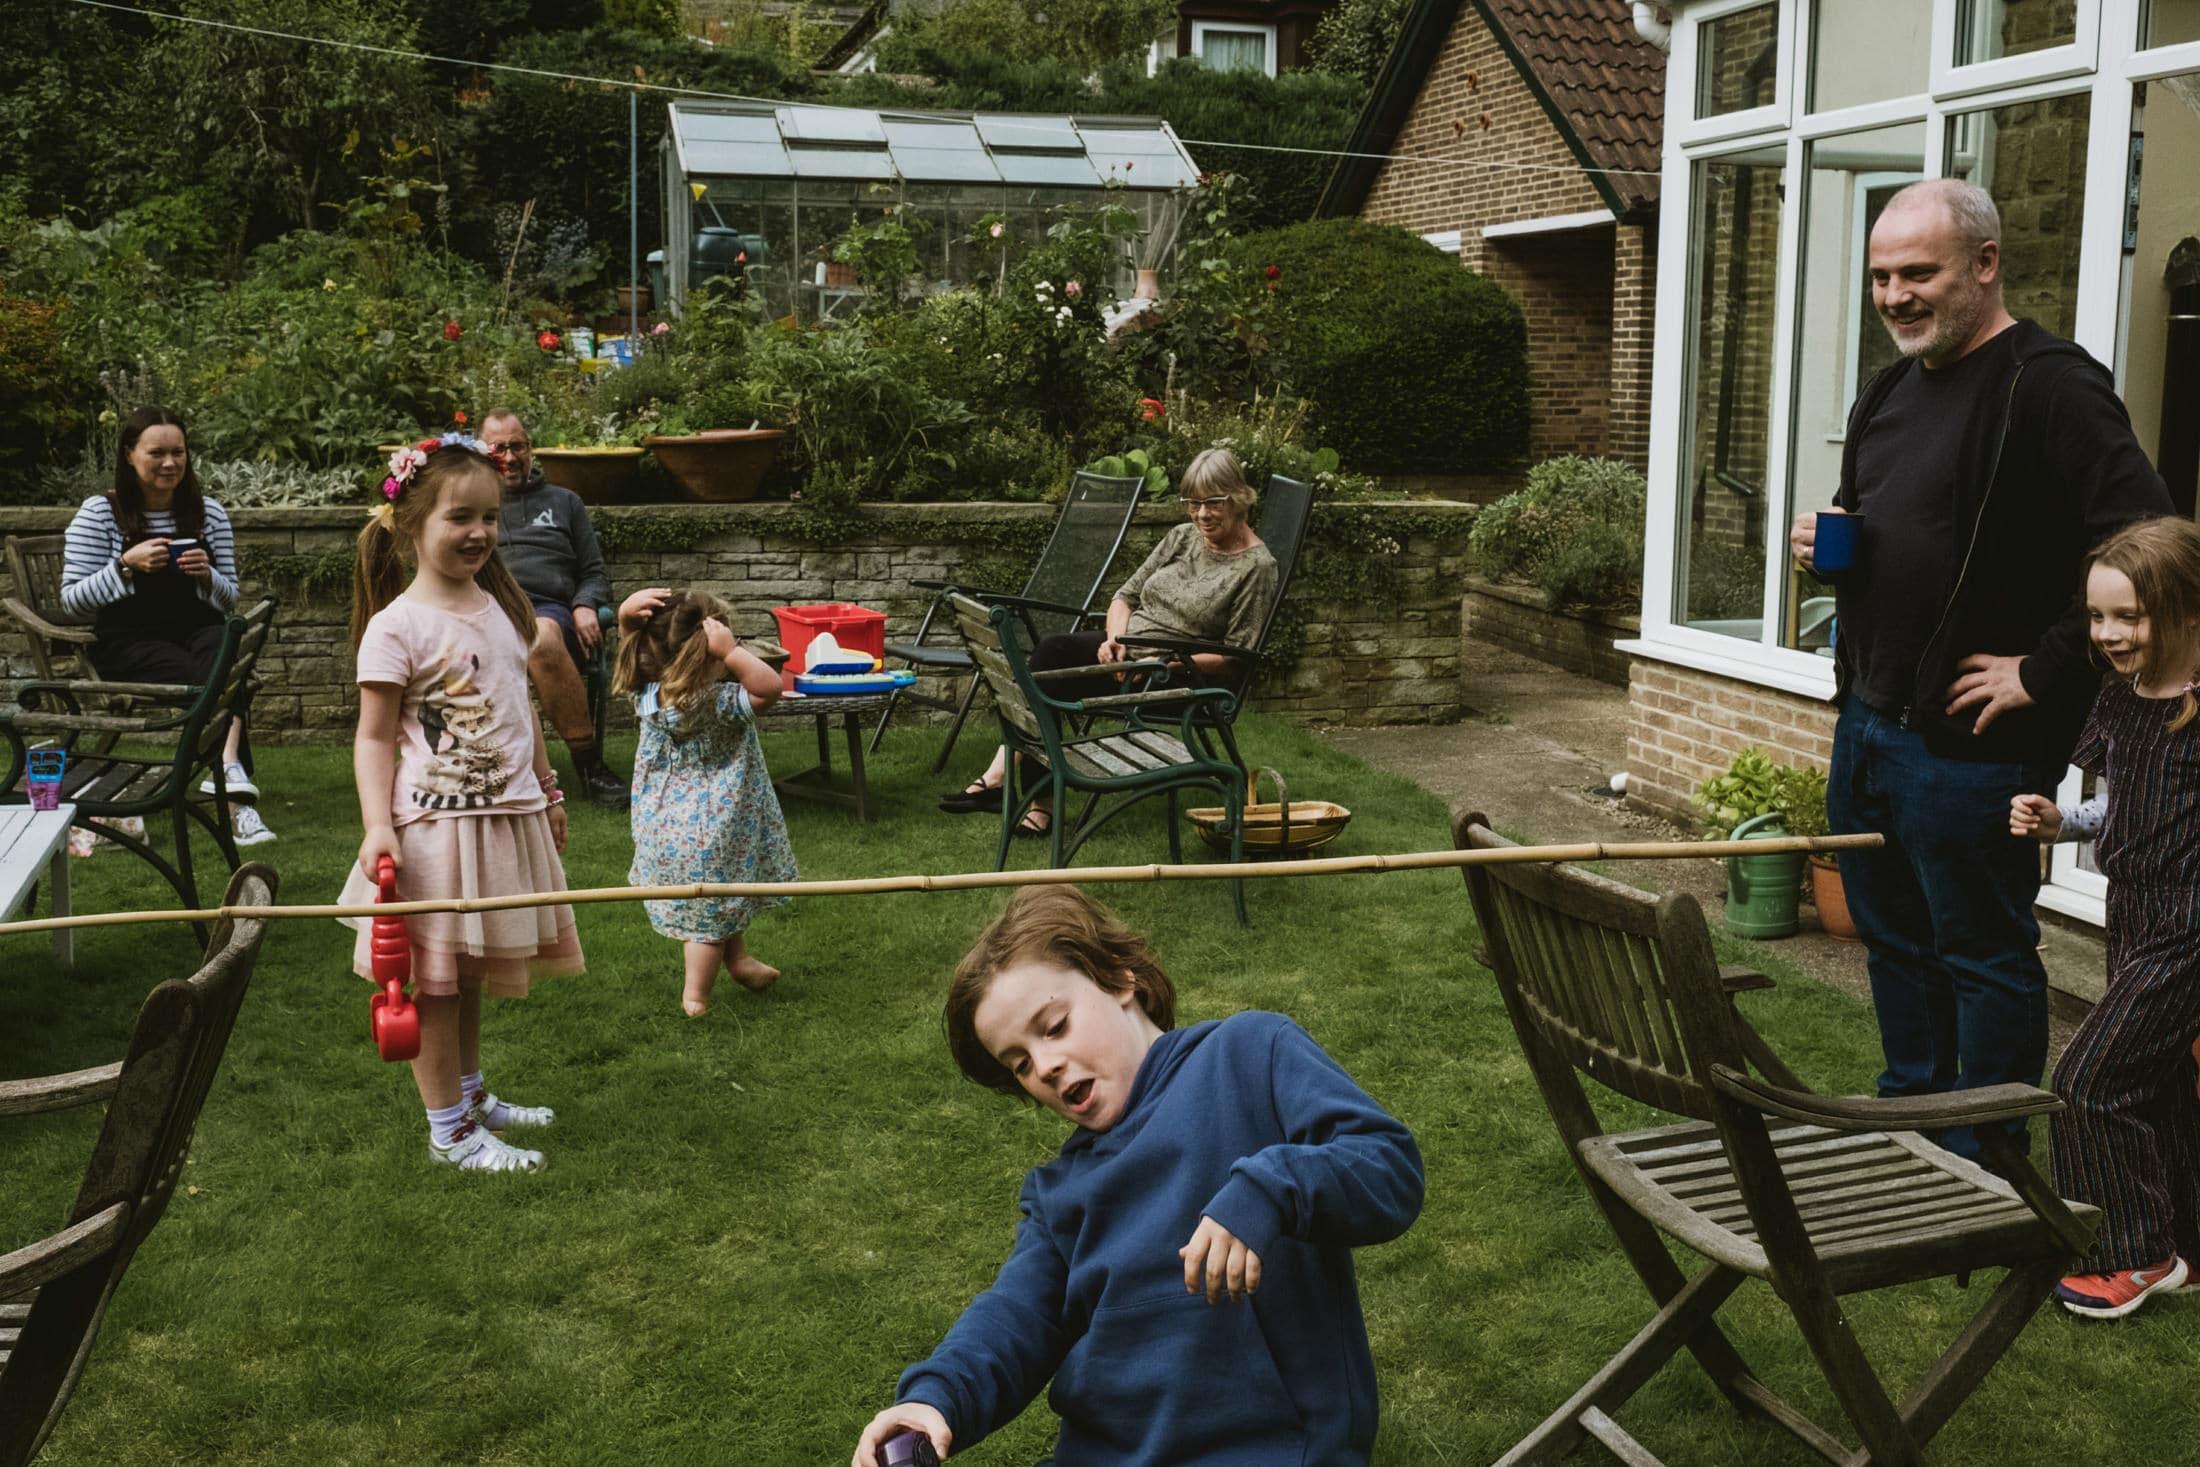 playing limbo with make shift stick. Boy underneath limbo stick, family watching